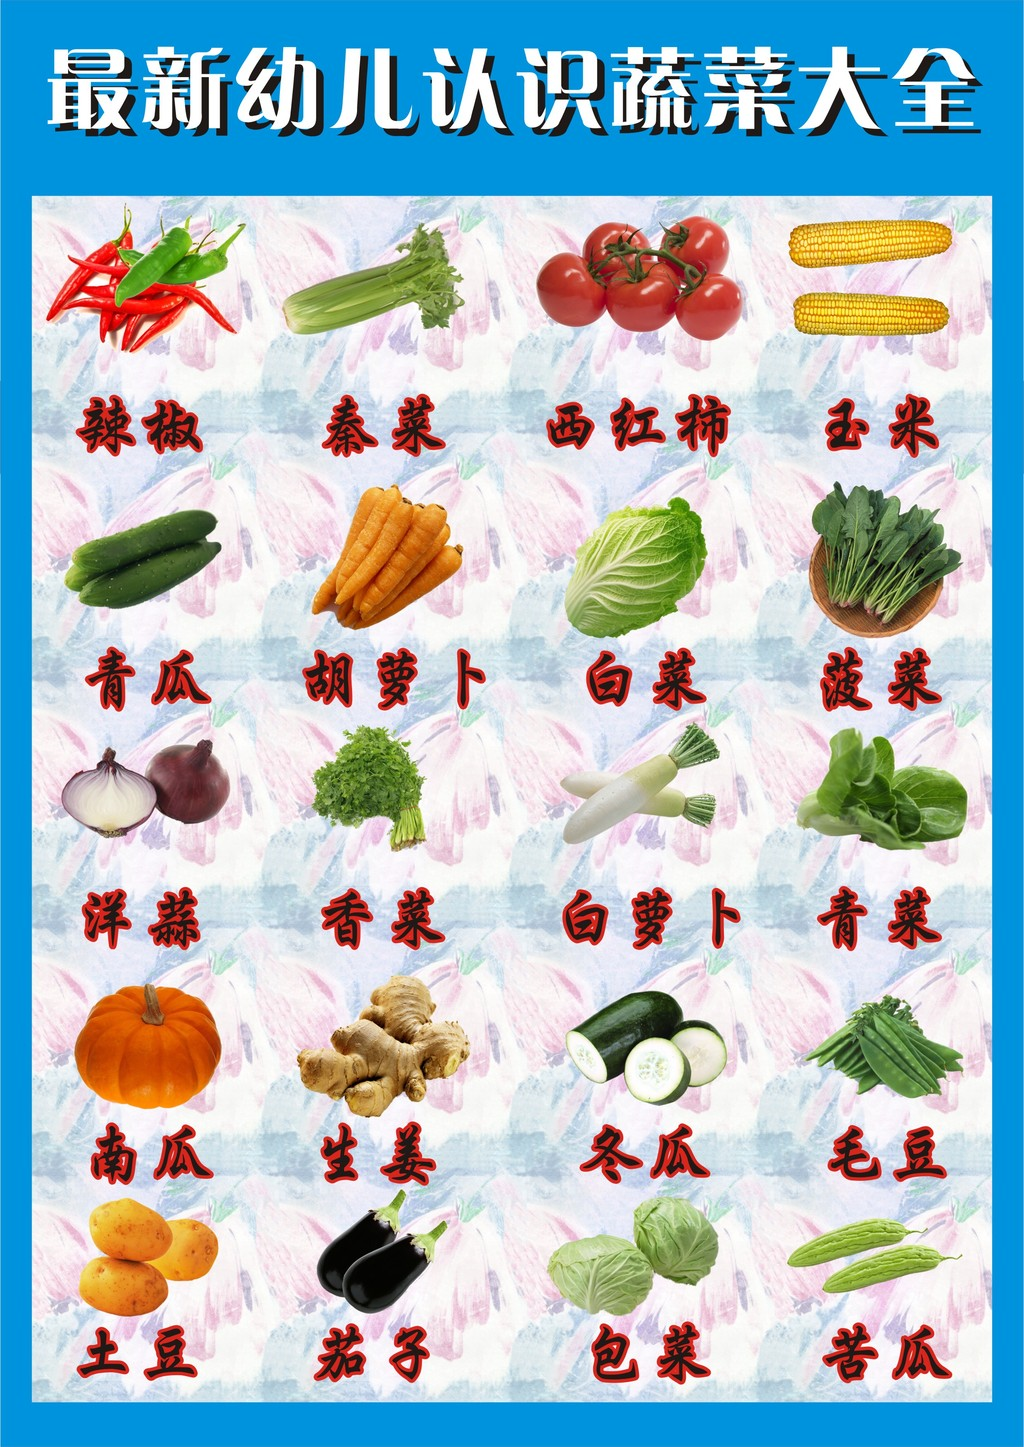 幼儿认识蔬菜大全模板下载 11724058 其他海报设计 促销 宣传广告图片